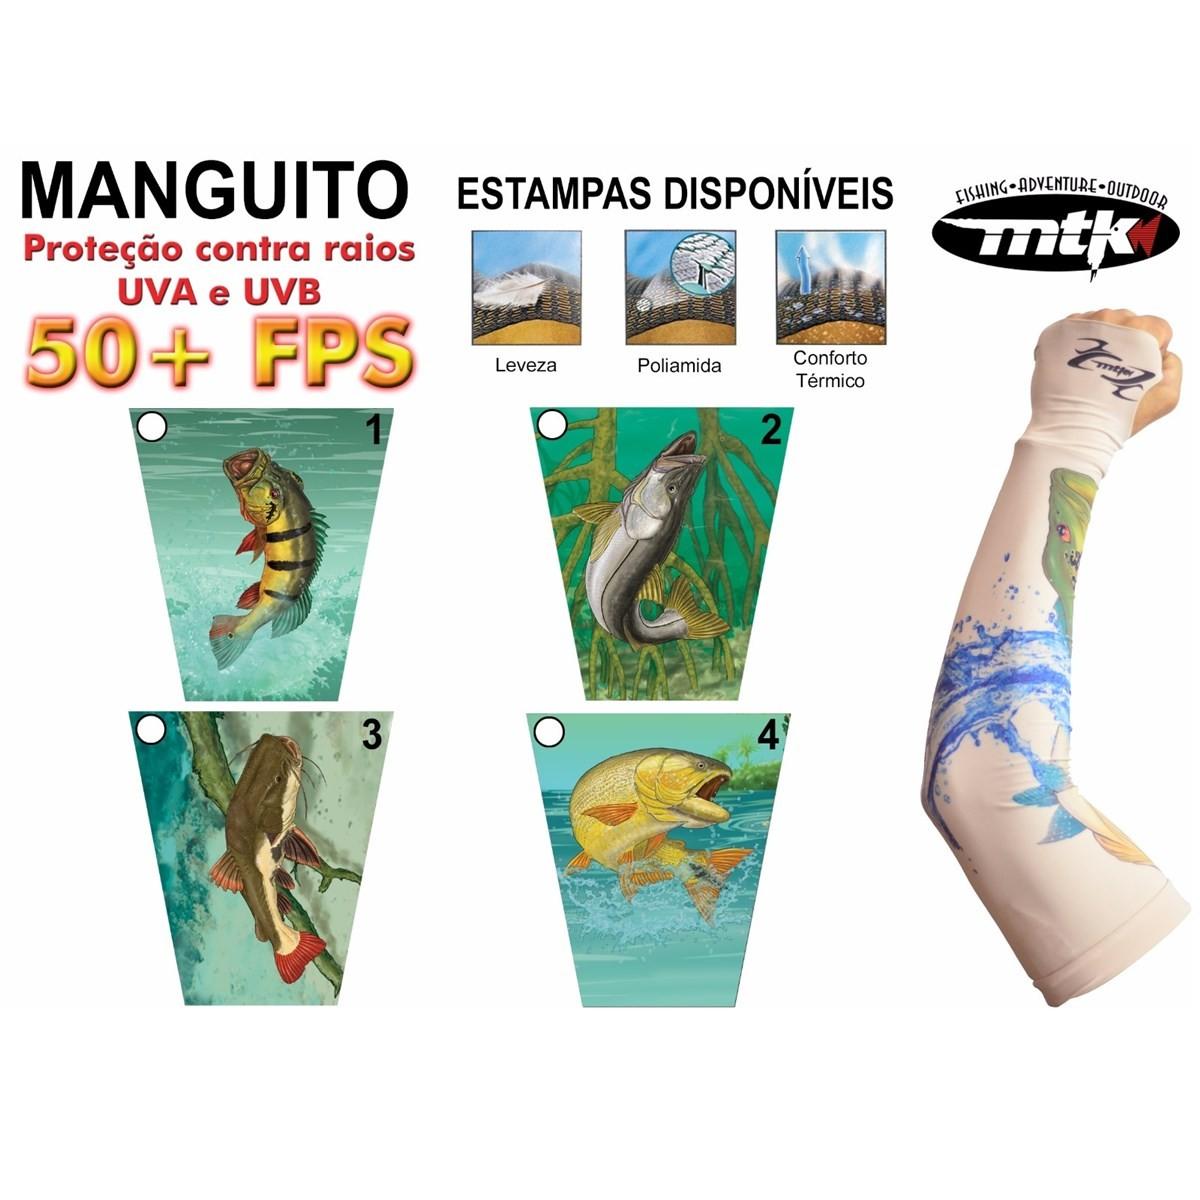 Manga de Proteção Solar Manguito MTK - 04 estampas -Tamanho G  - MGPesca